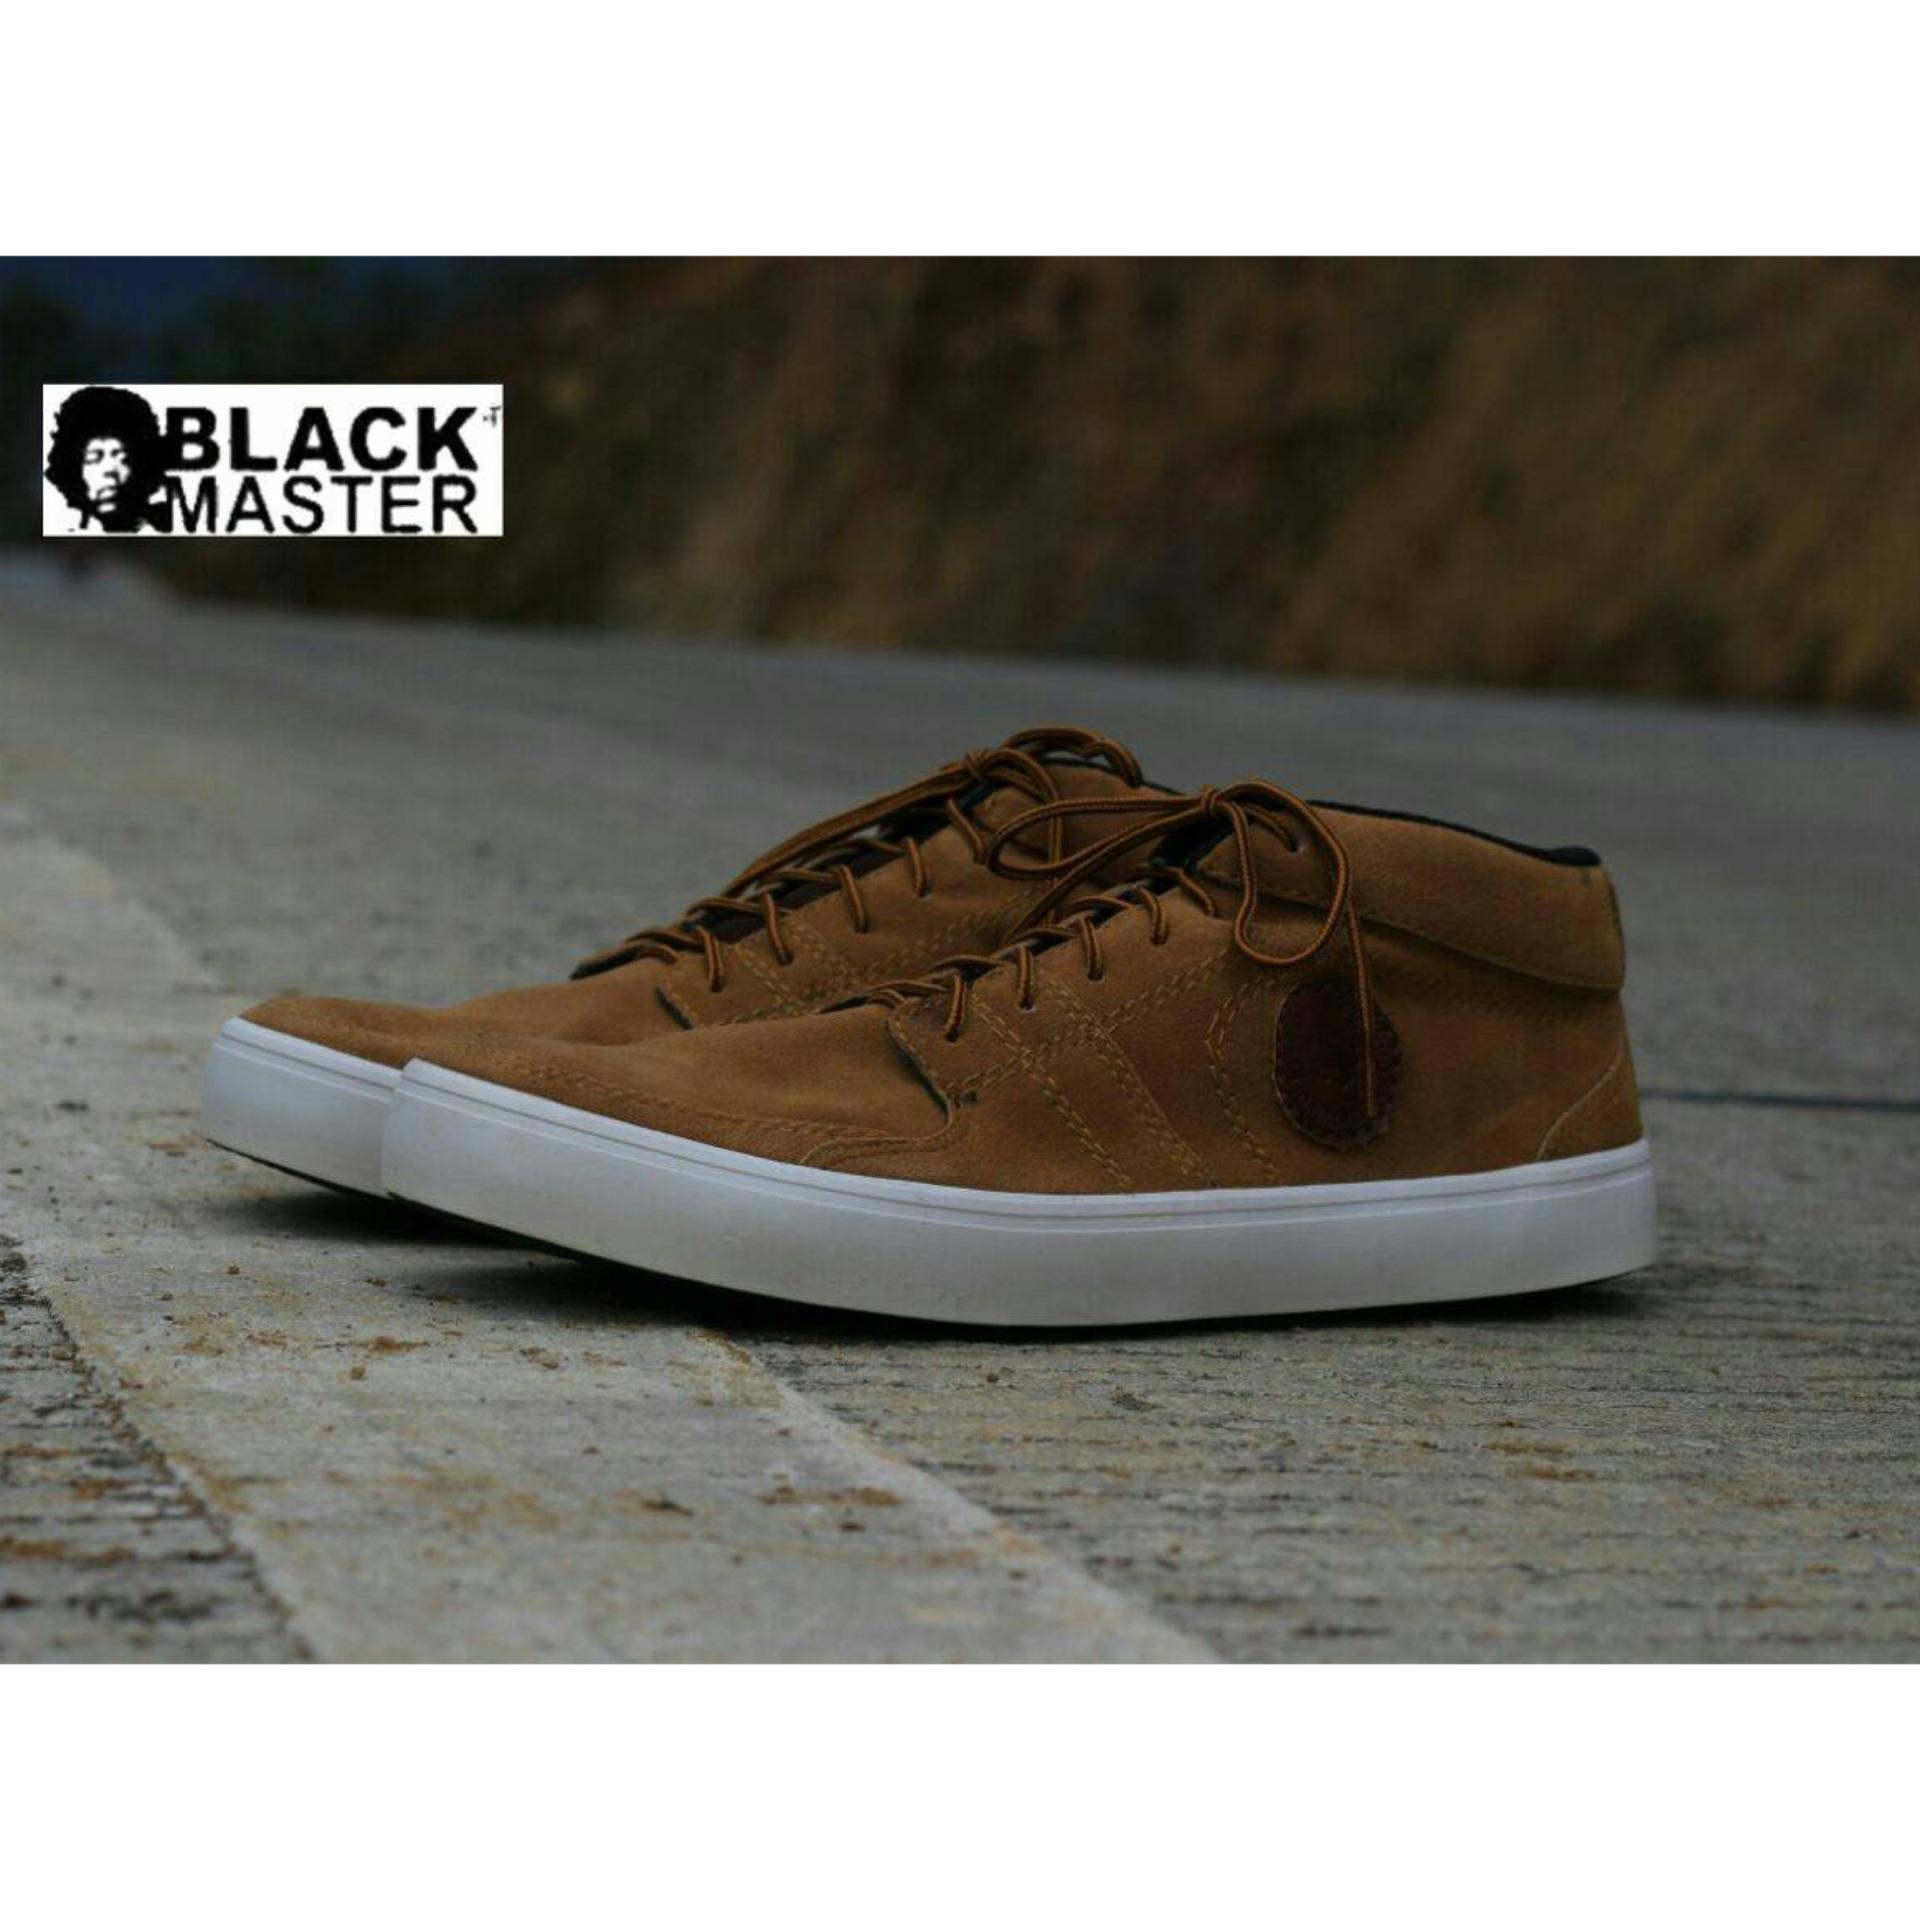 Sepatu Sneakers Pria Murah Berkualitas - BLACK MASTER NEYMAR - d942e8a110